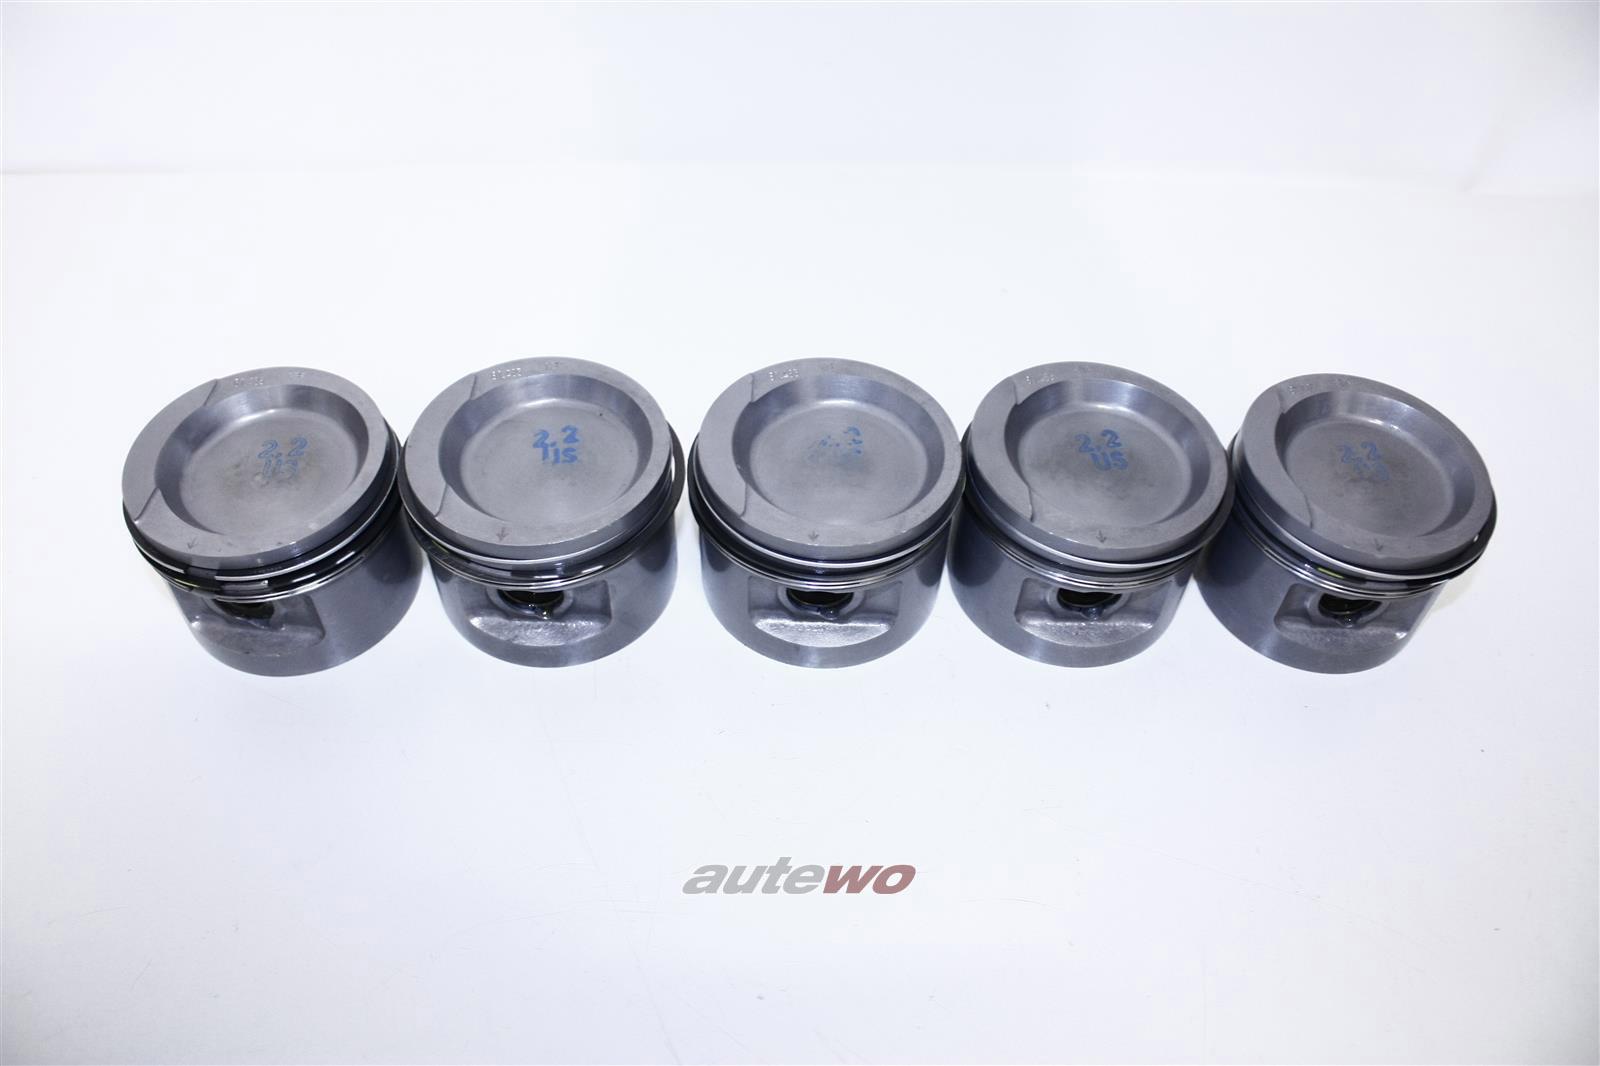 NEU! Audi/VW 90 81/85/100 Typ 44/Passat 2.2l 5 Zyl. Satz Kolben Übermaß 81,485 034107081D